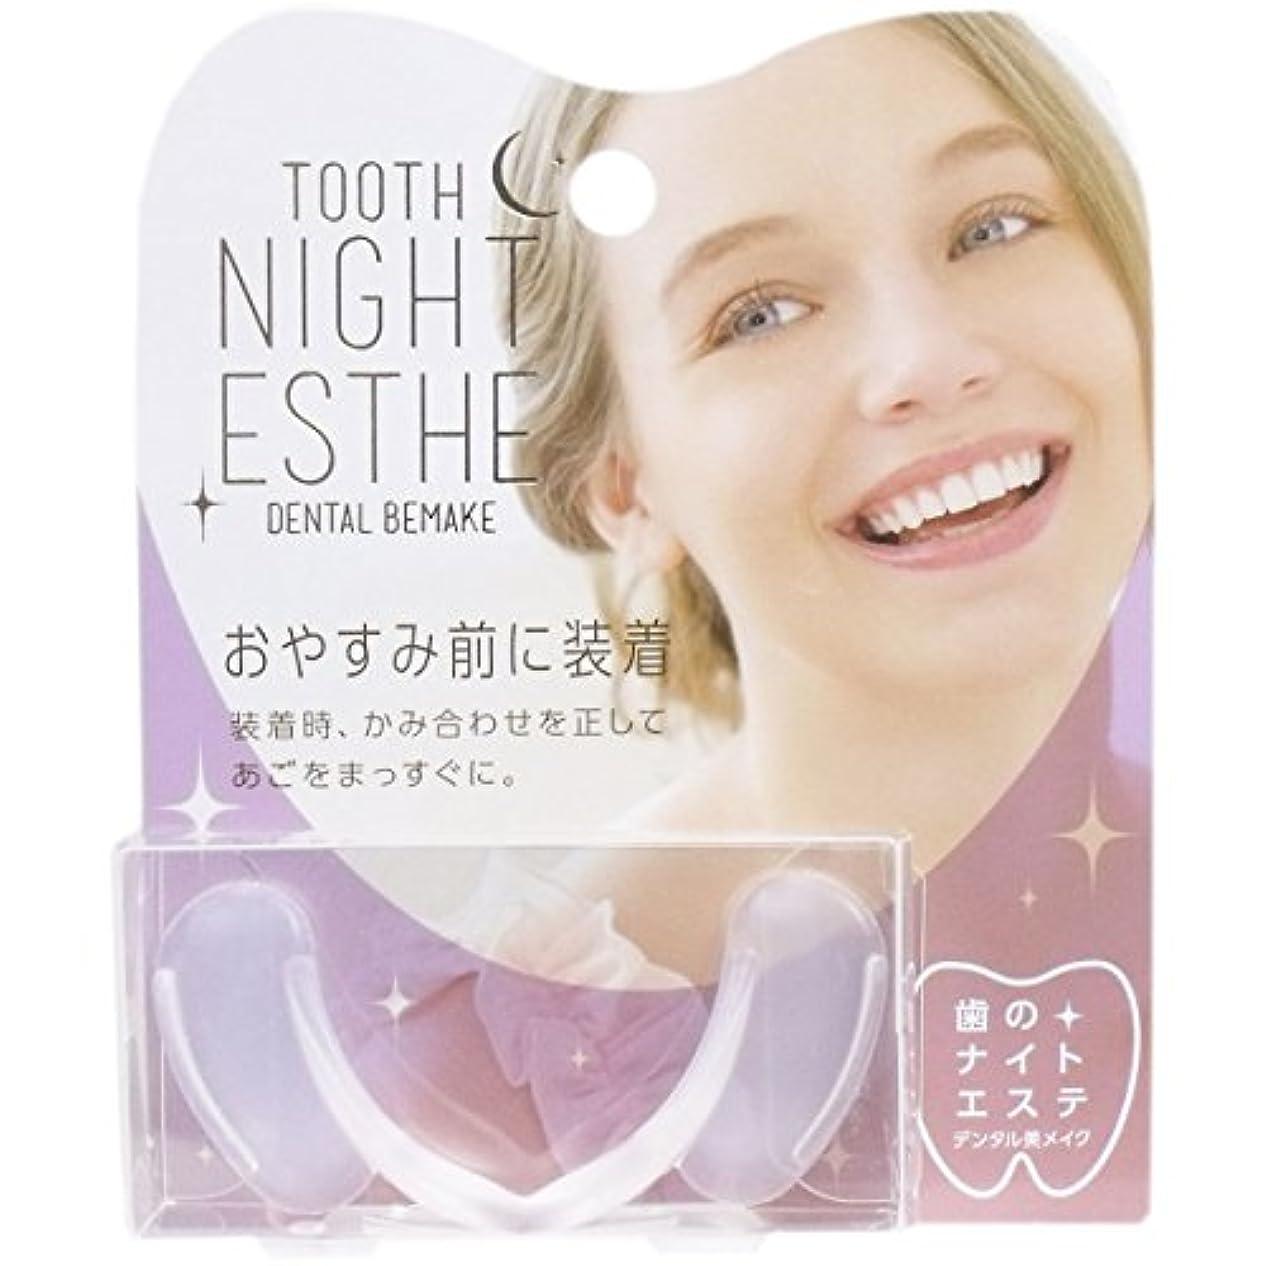 上下するいくつかの満足歯のナイトエステ デンタル美メイク